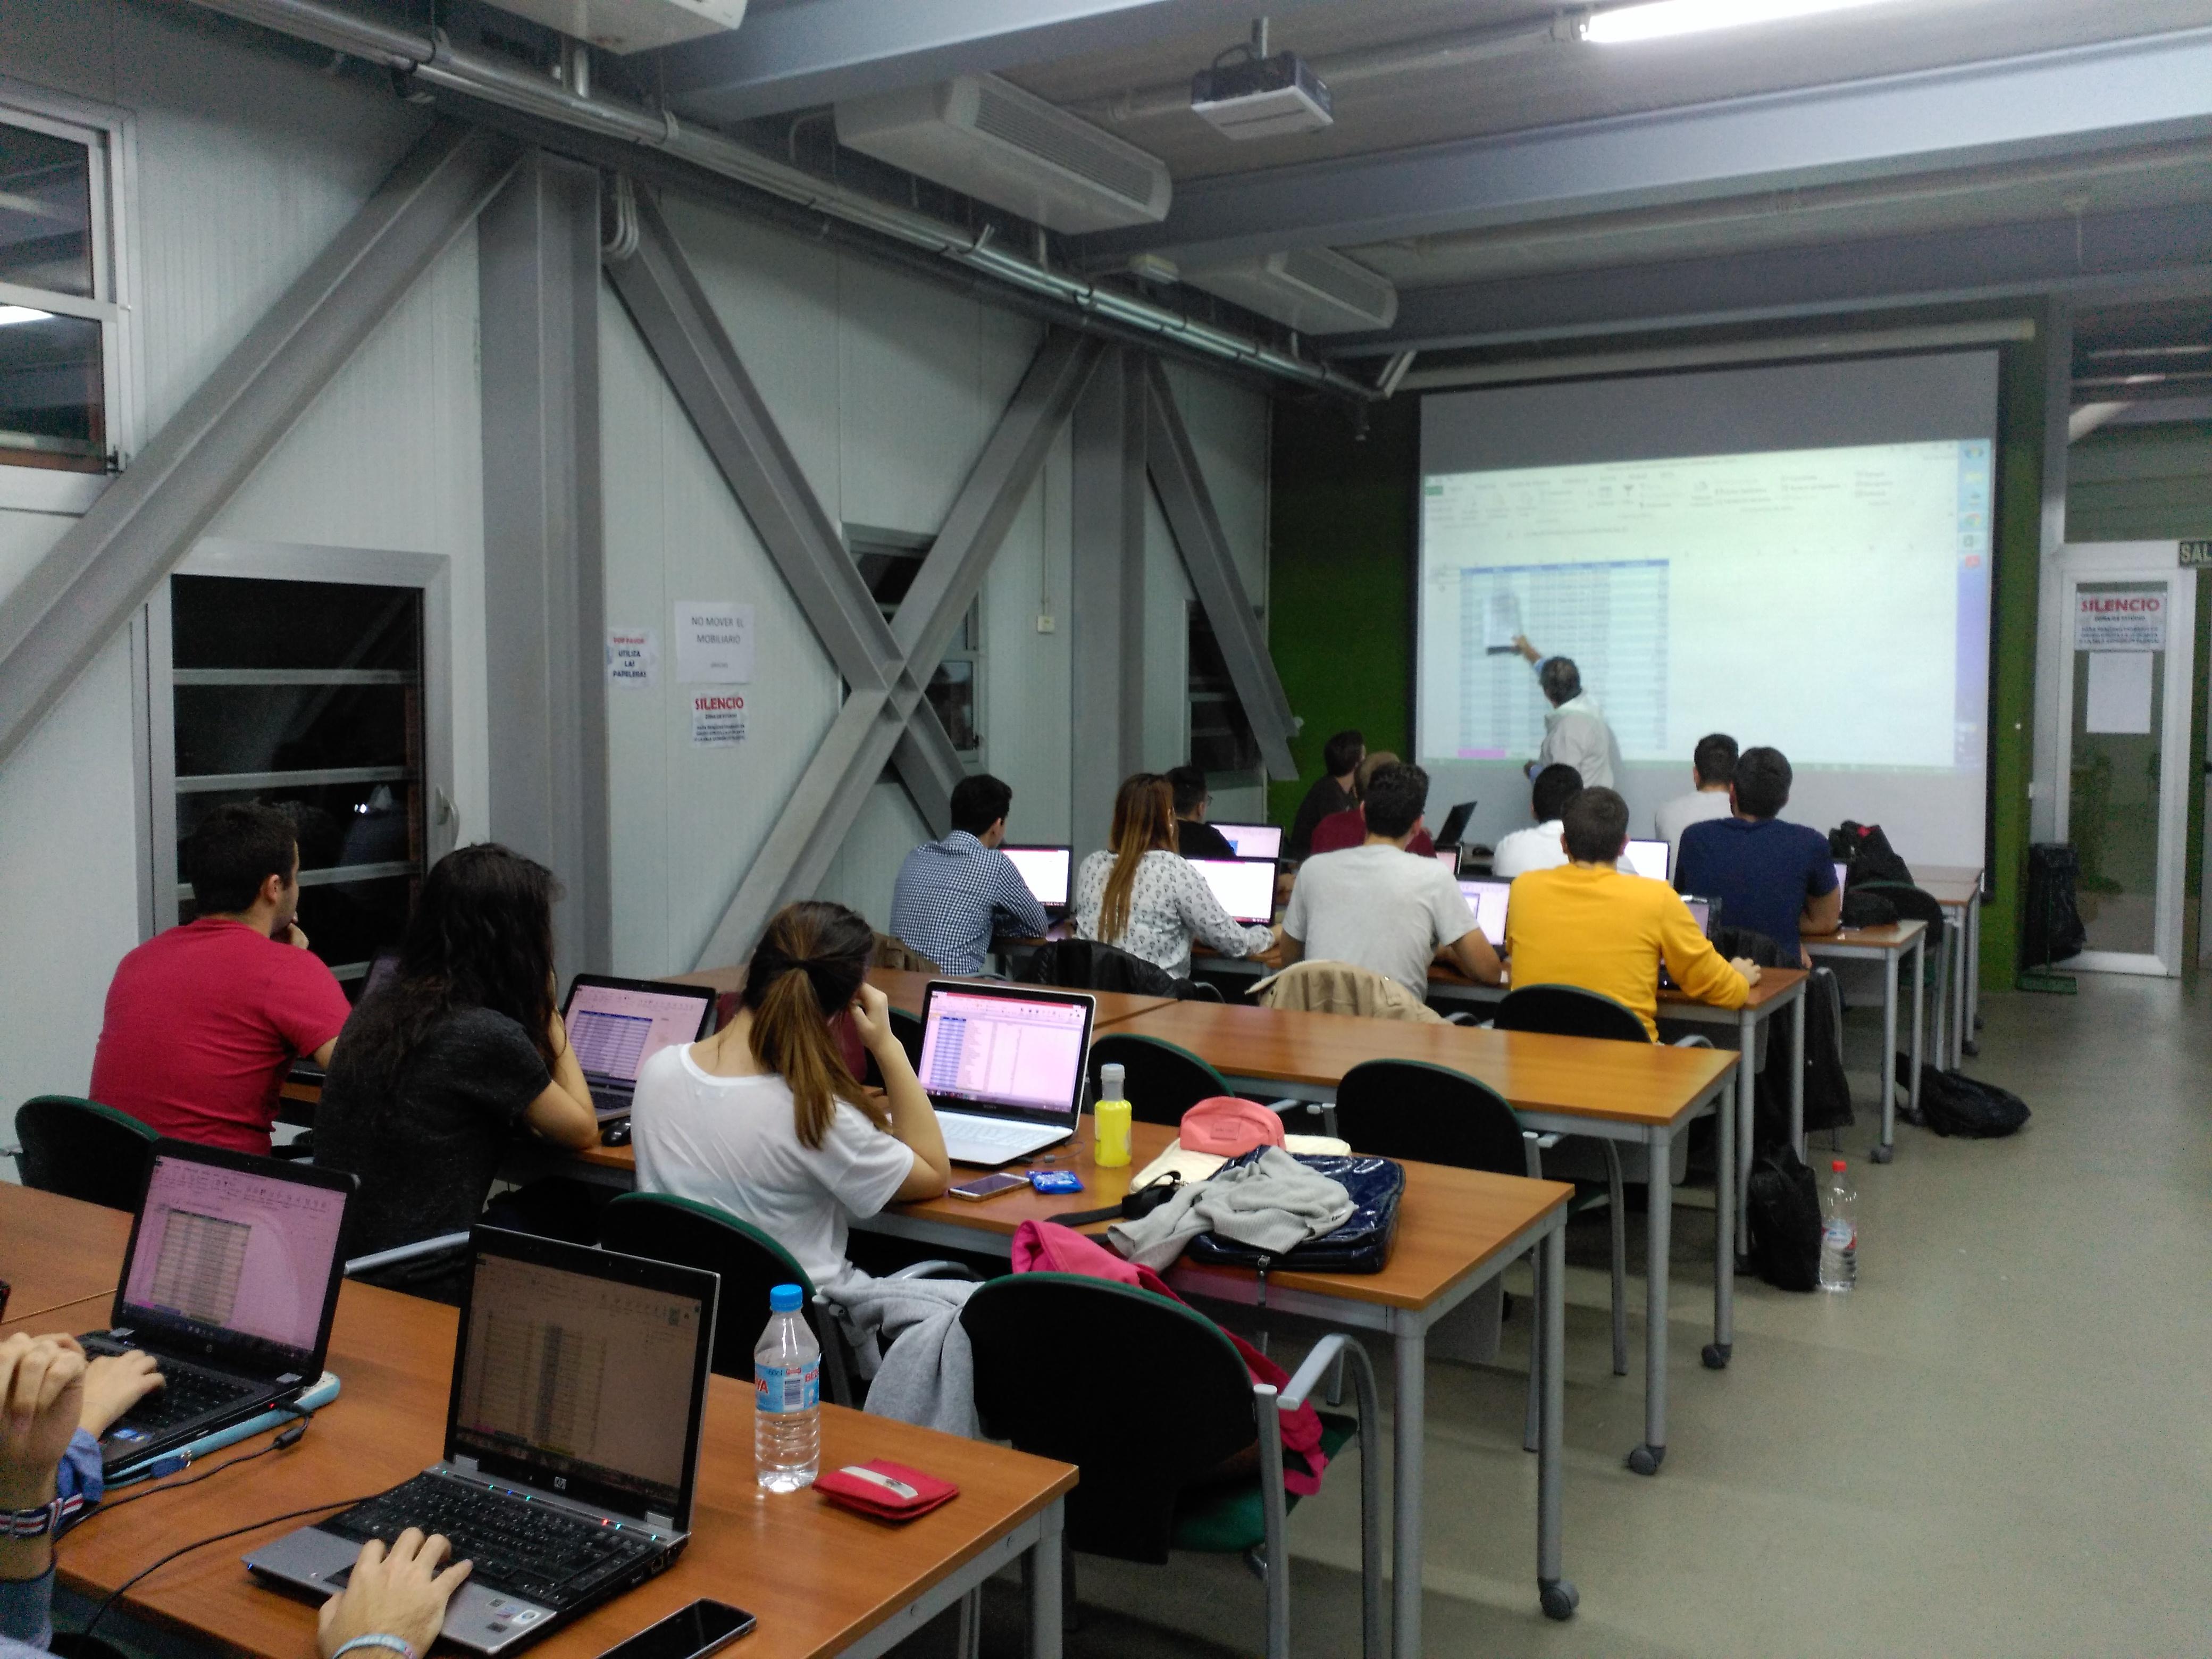 La Casa Del Estudianteorganiza Dos Cursos De Formación De Los Programas Ofimáticos Word Y Excel